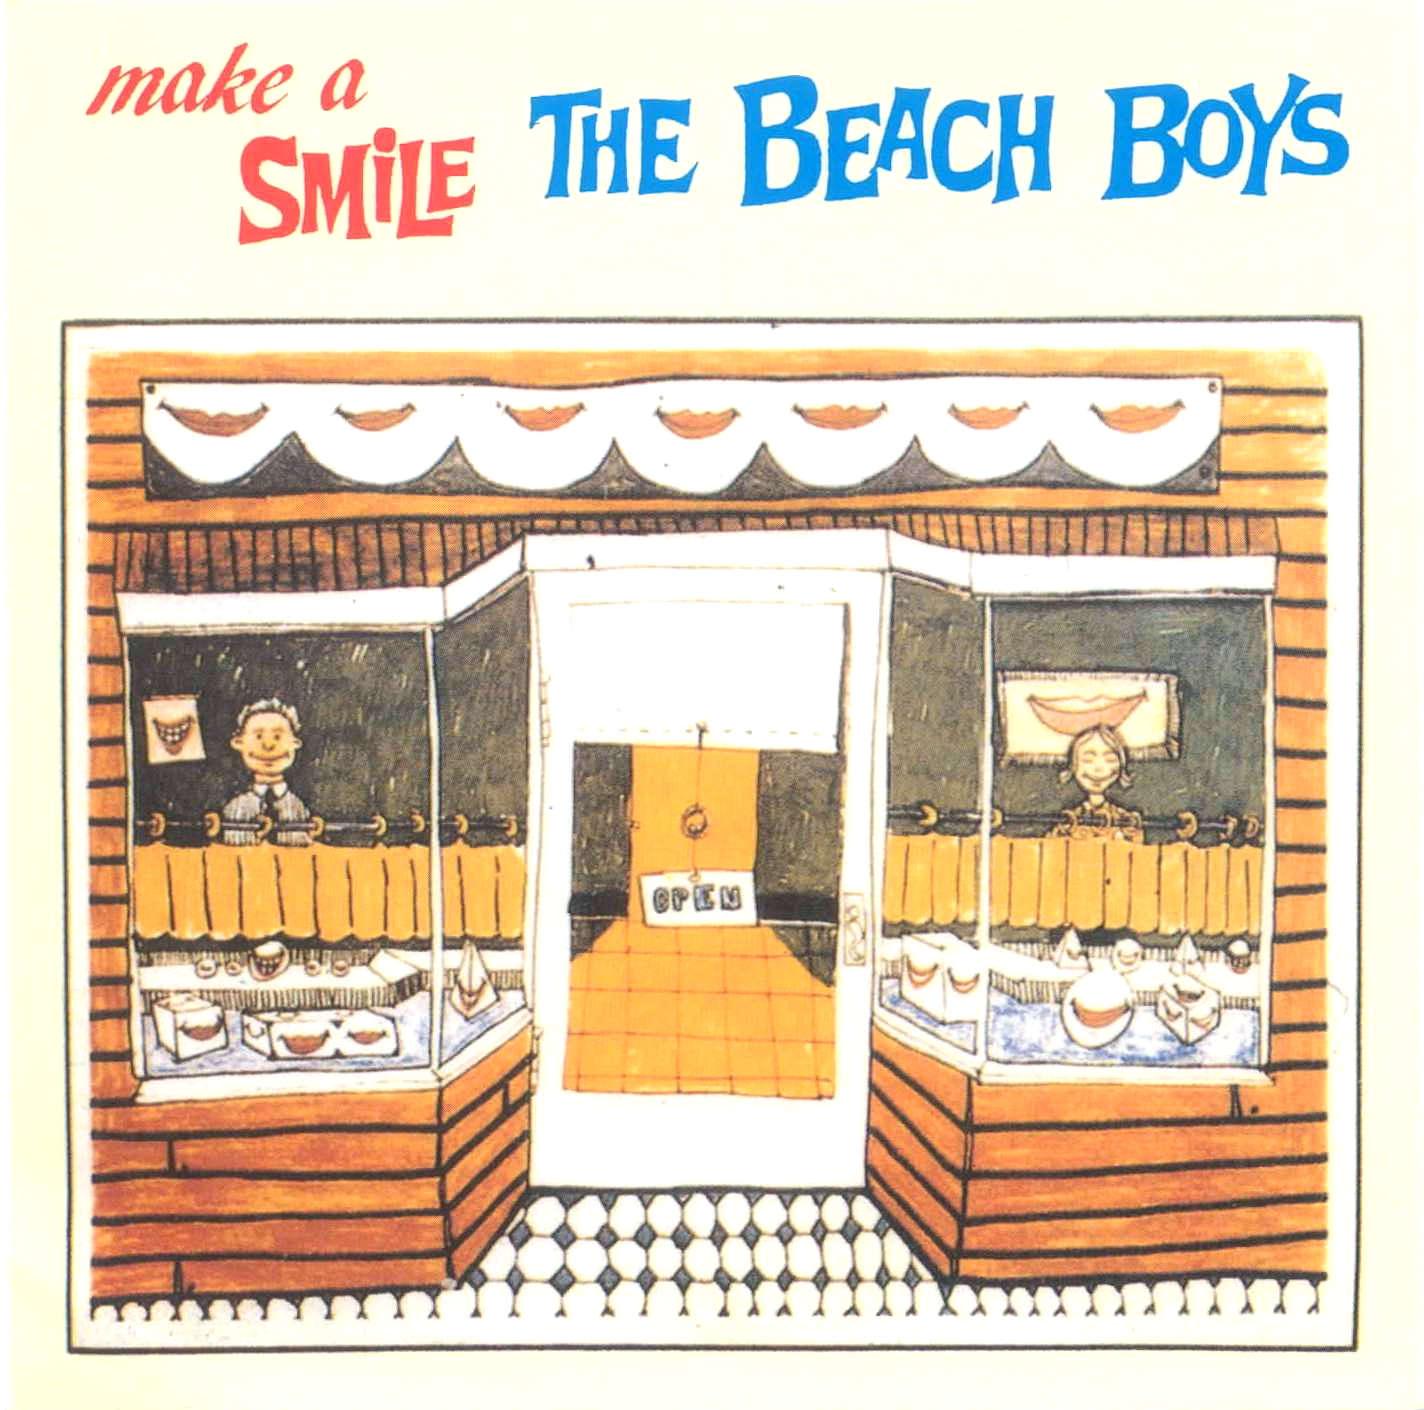 Make A Smile cover